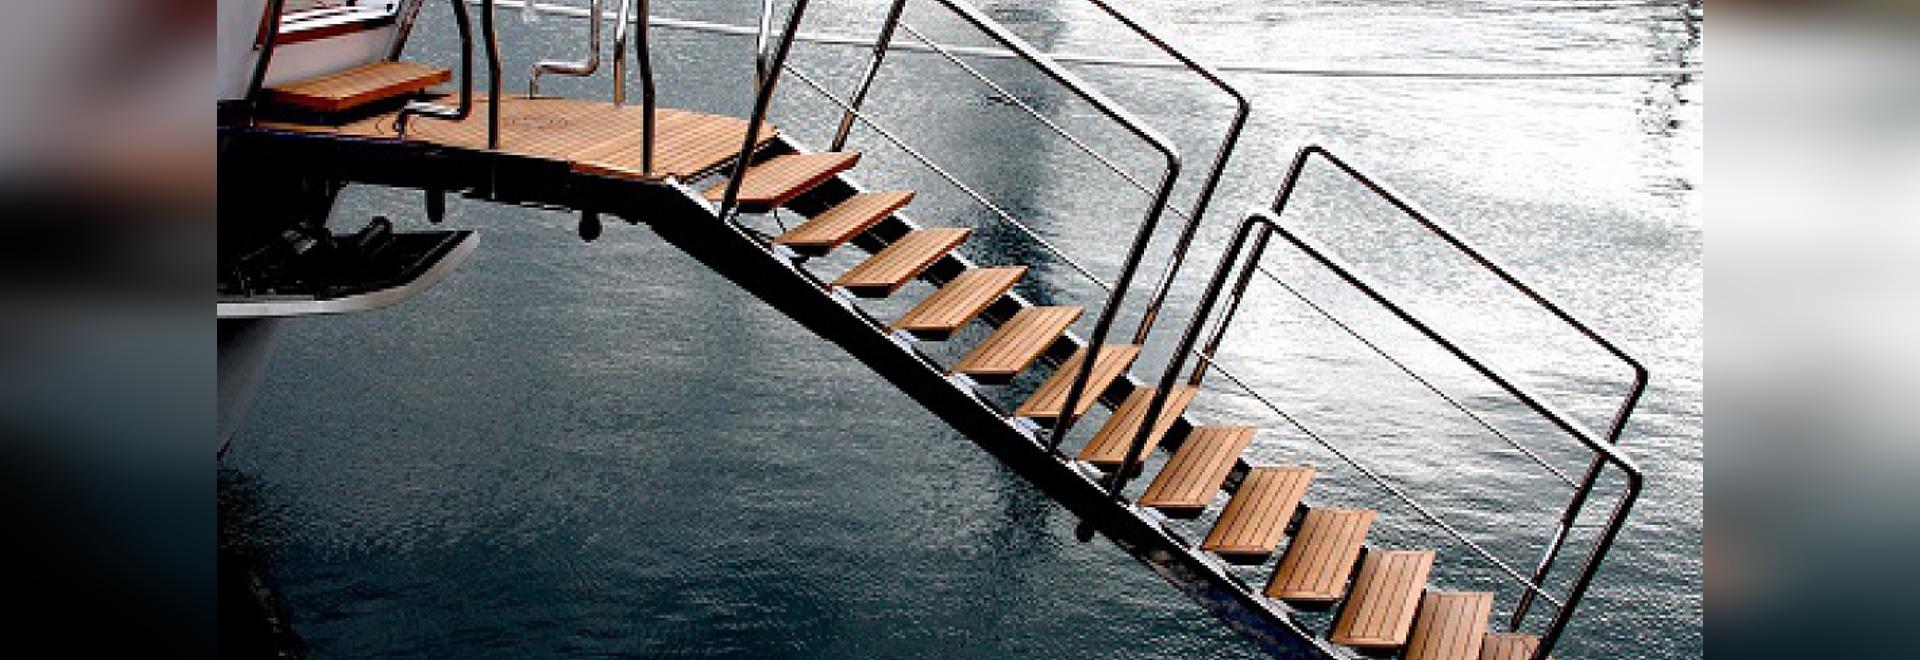 Doppi idraulici lussuosi di questa via di accesso principale come scala di nuotata (cortesia del NV)